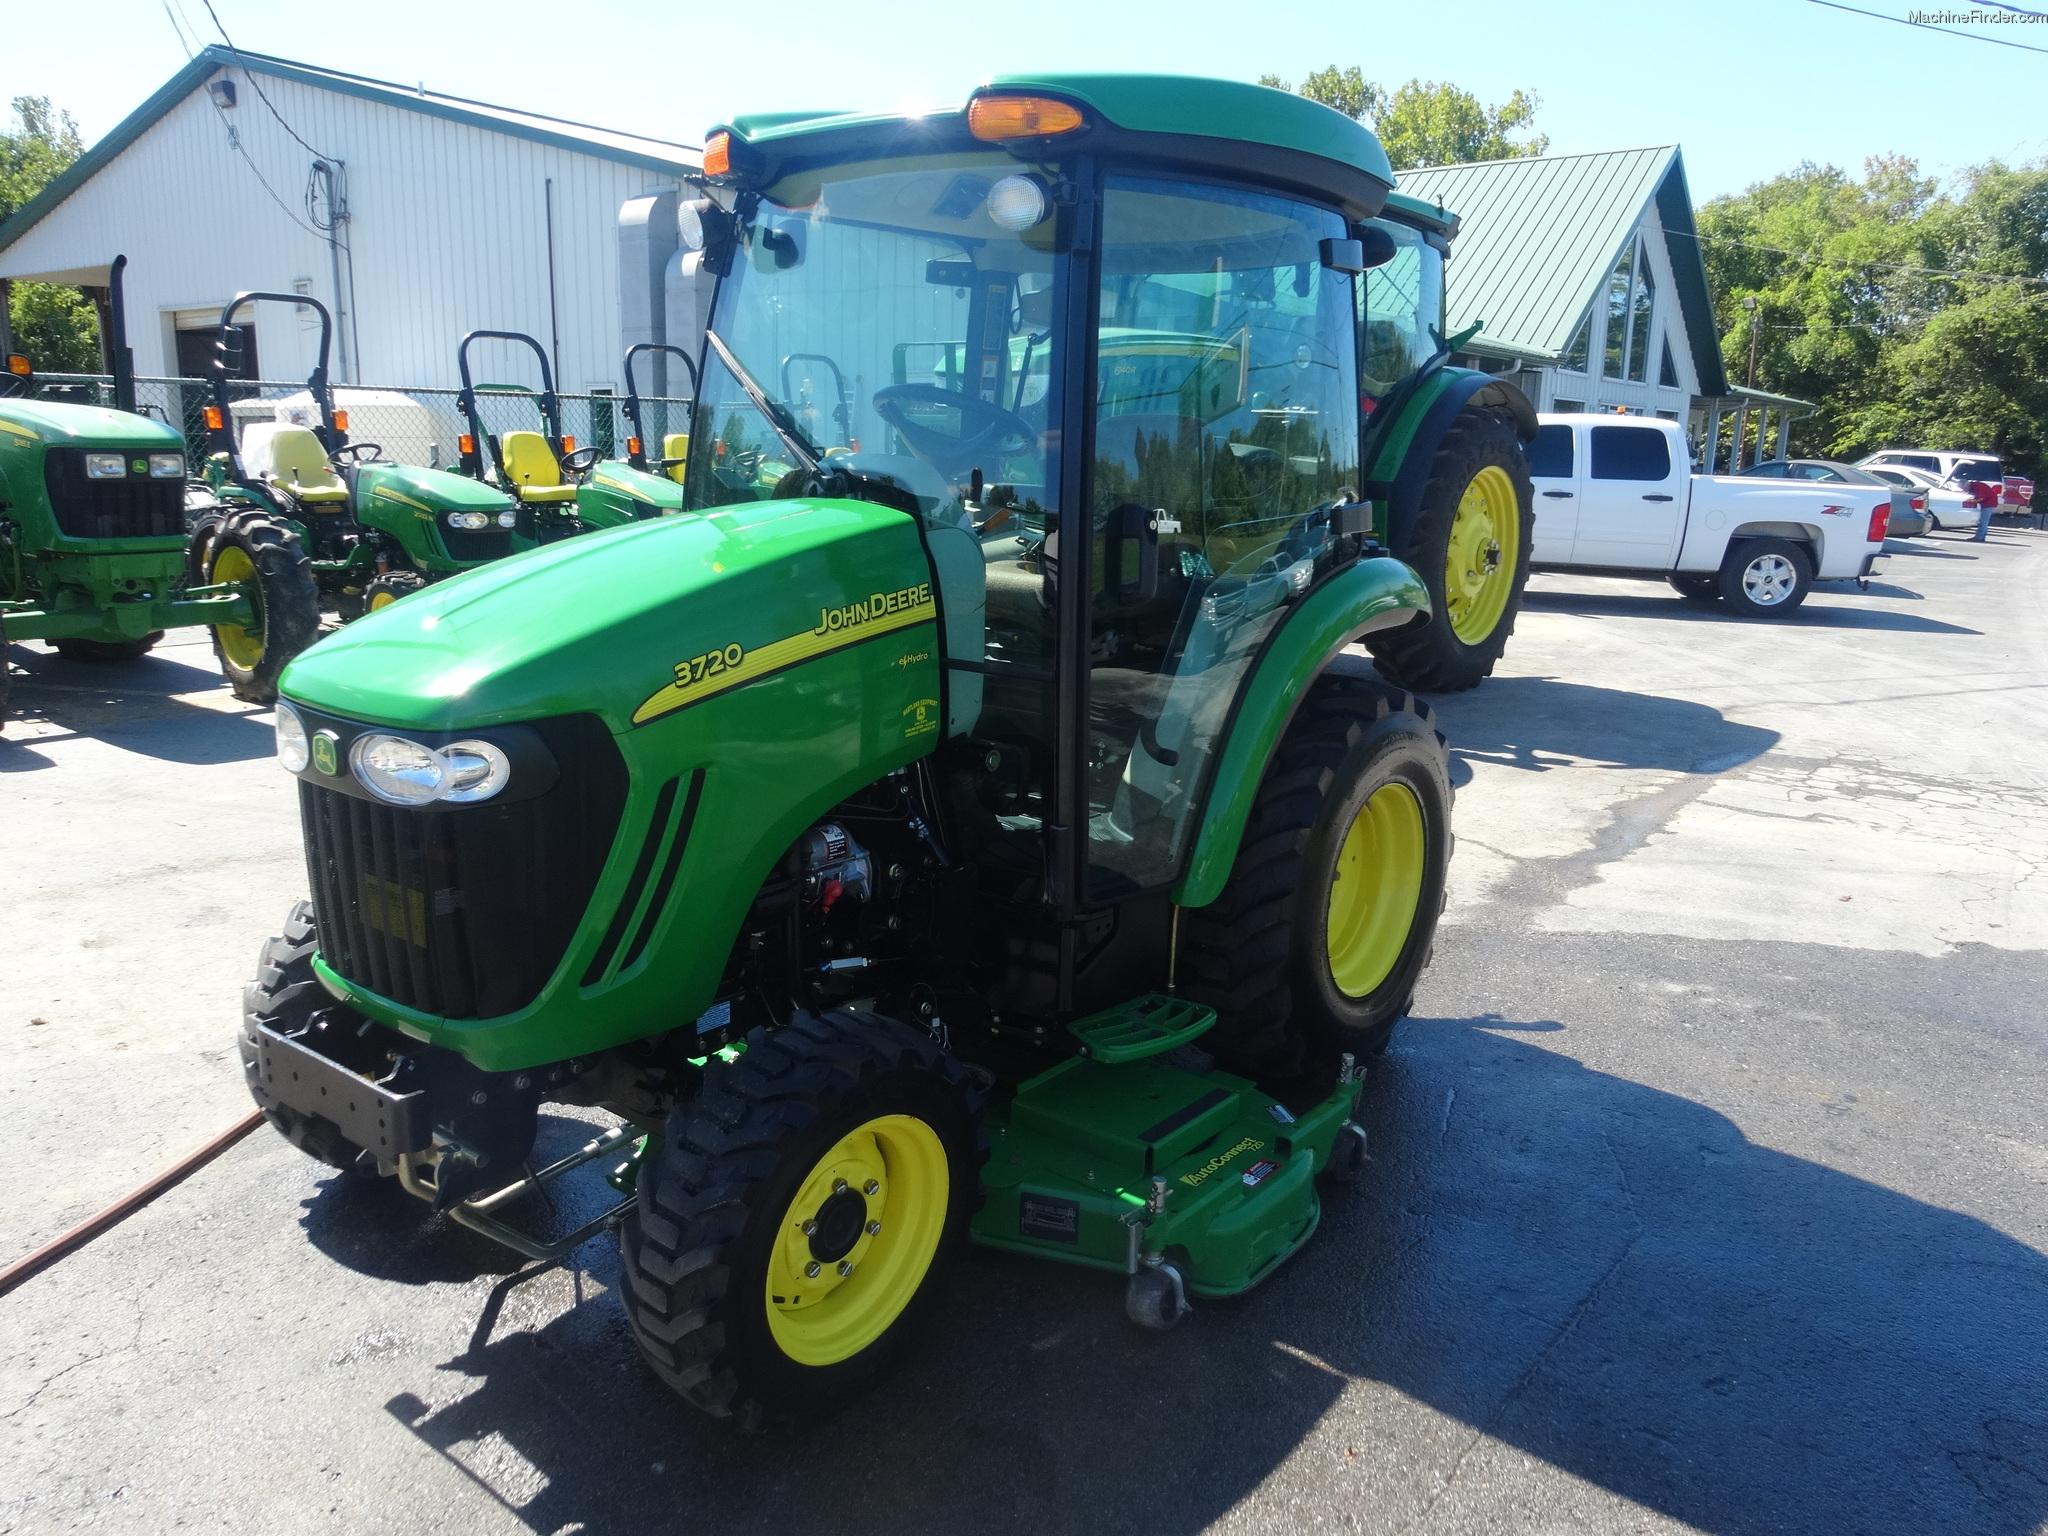 2010 John Deere 3720 Tractors - Compact (1-40hp.)